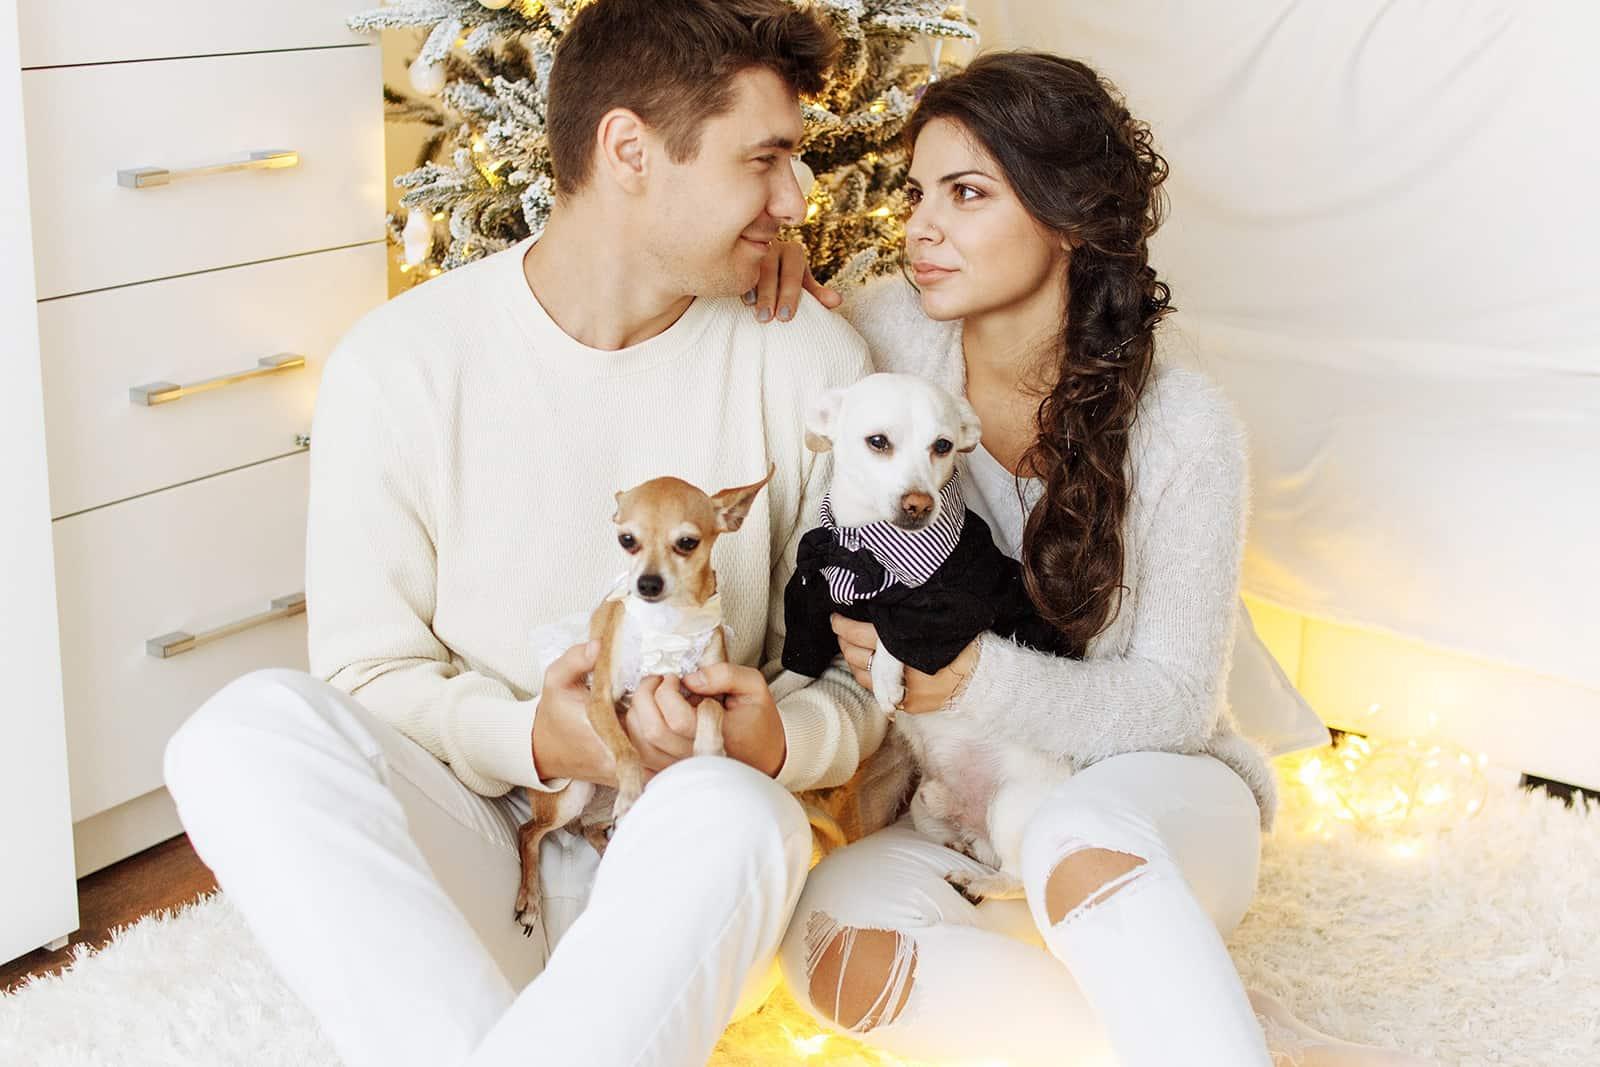 ein liebevolles Paar, das sich gegenübersteht, während es seine Hunde in den Armen hält